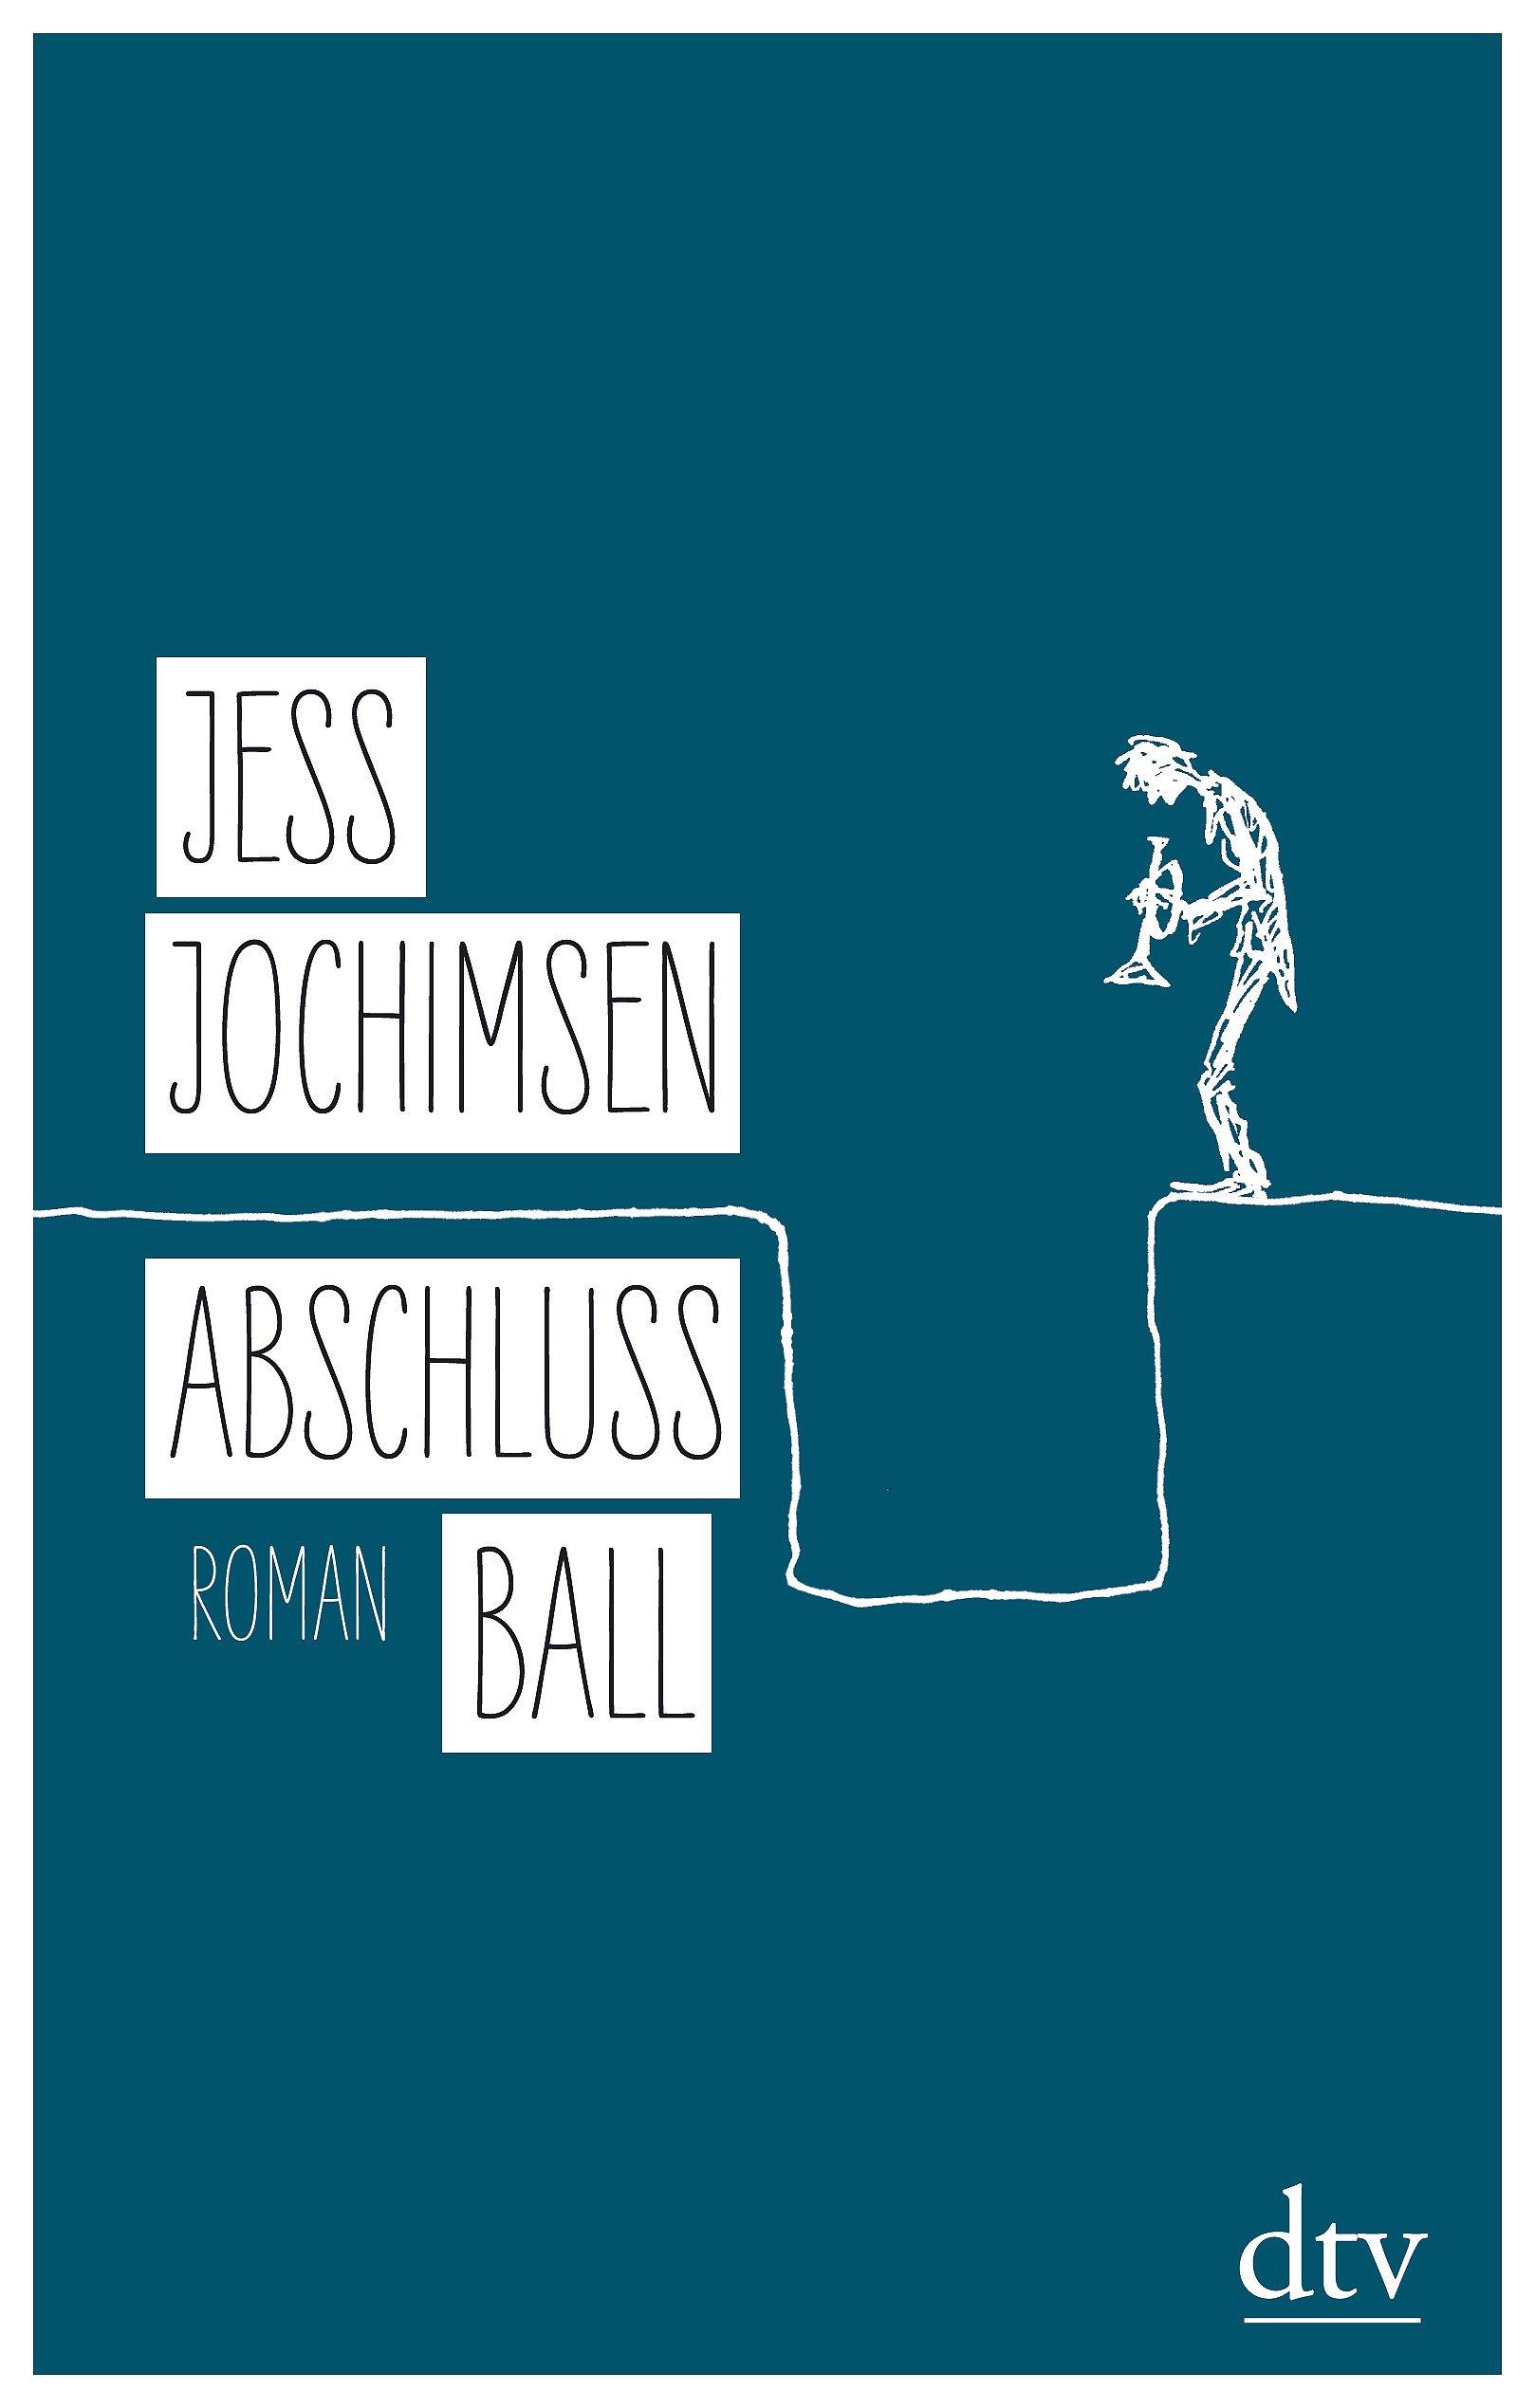 Abschlussball: Roman Gebundenes Buch – 9. Juni 2017 Jess Jochimsen dtv Verlagsgesellschaft 3423281162 Jahreszeiten: Sommer